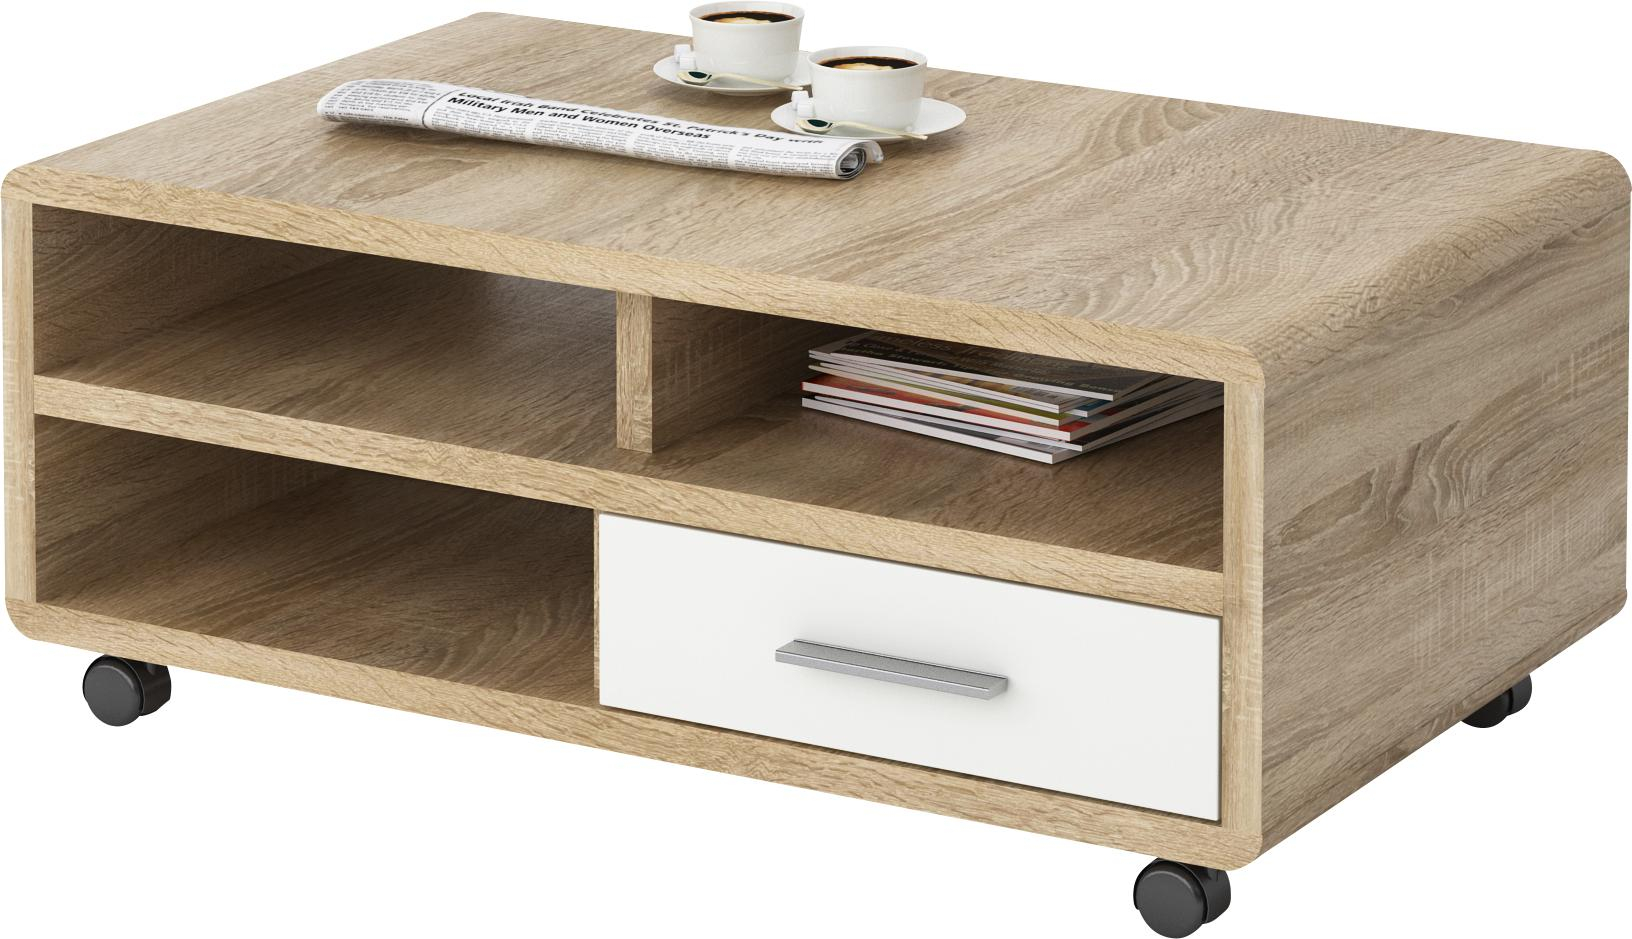 Wohnzimmertisch Sonoma Eiche Neu Kleiderschrank Ikea